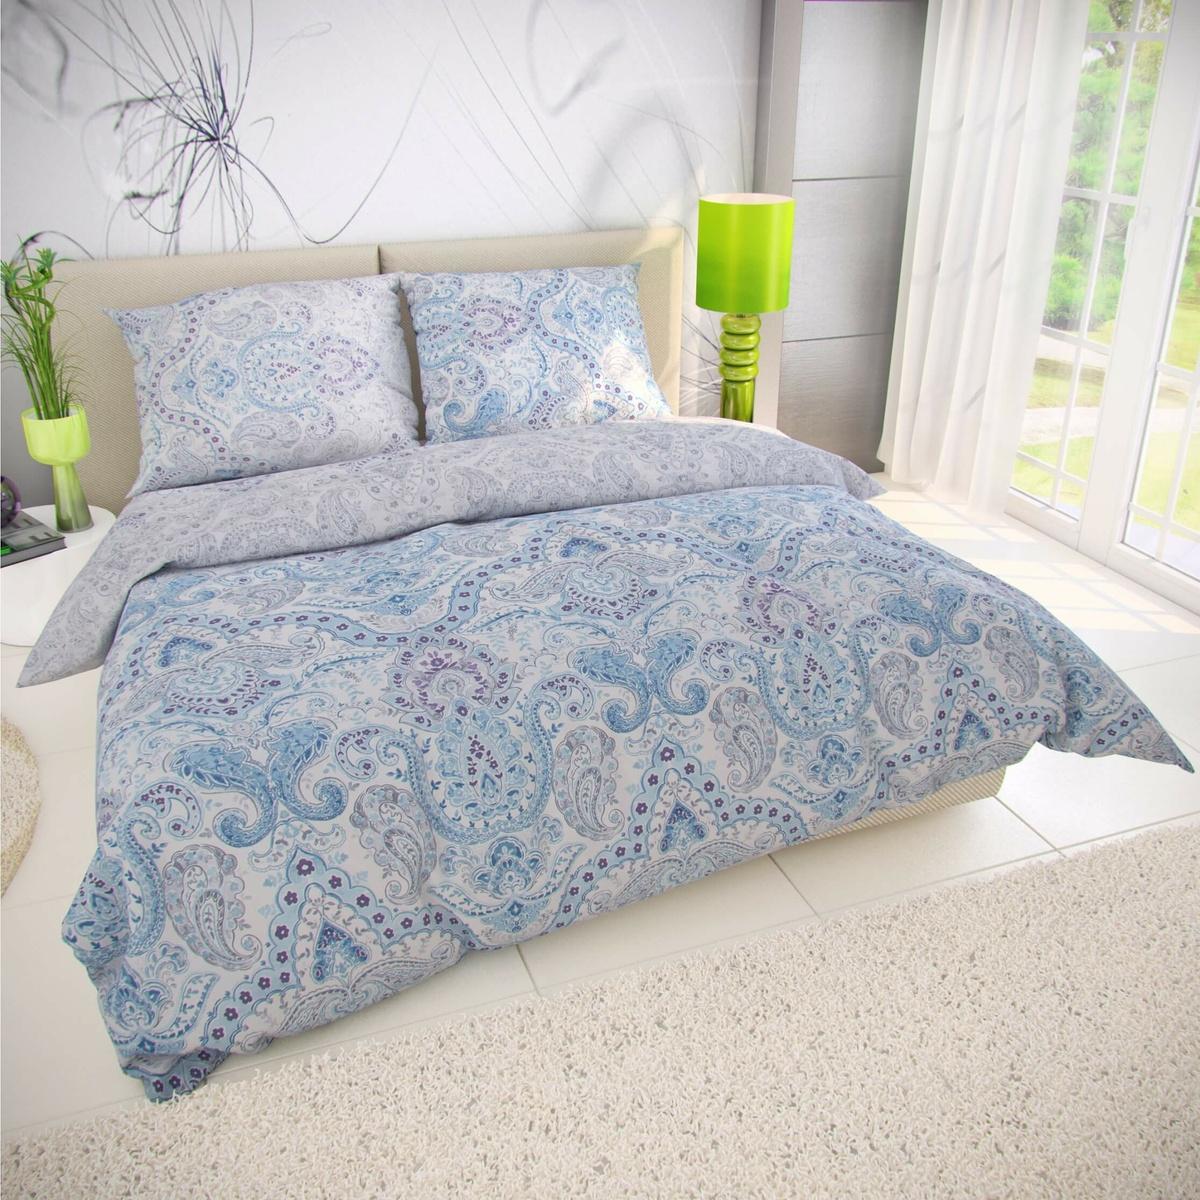 Kvalitex Bavlnené obliečky Paliza modrá